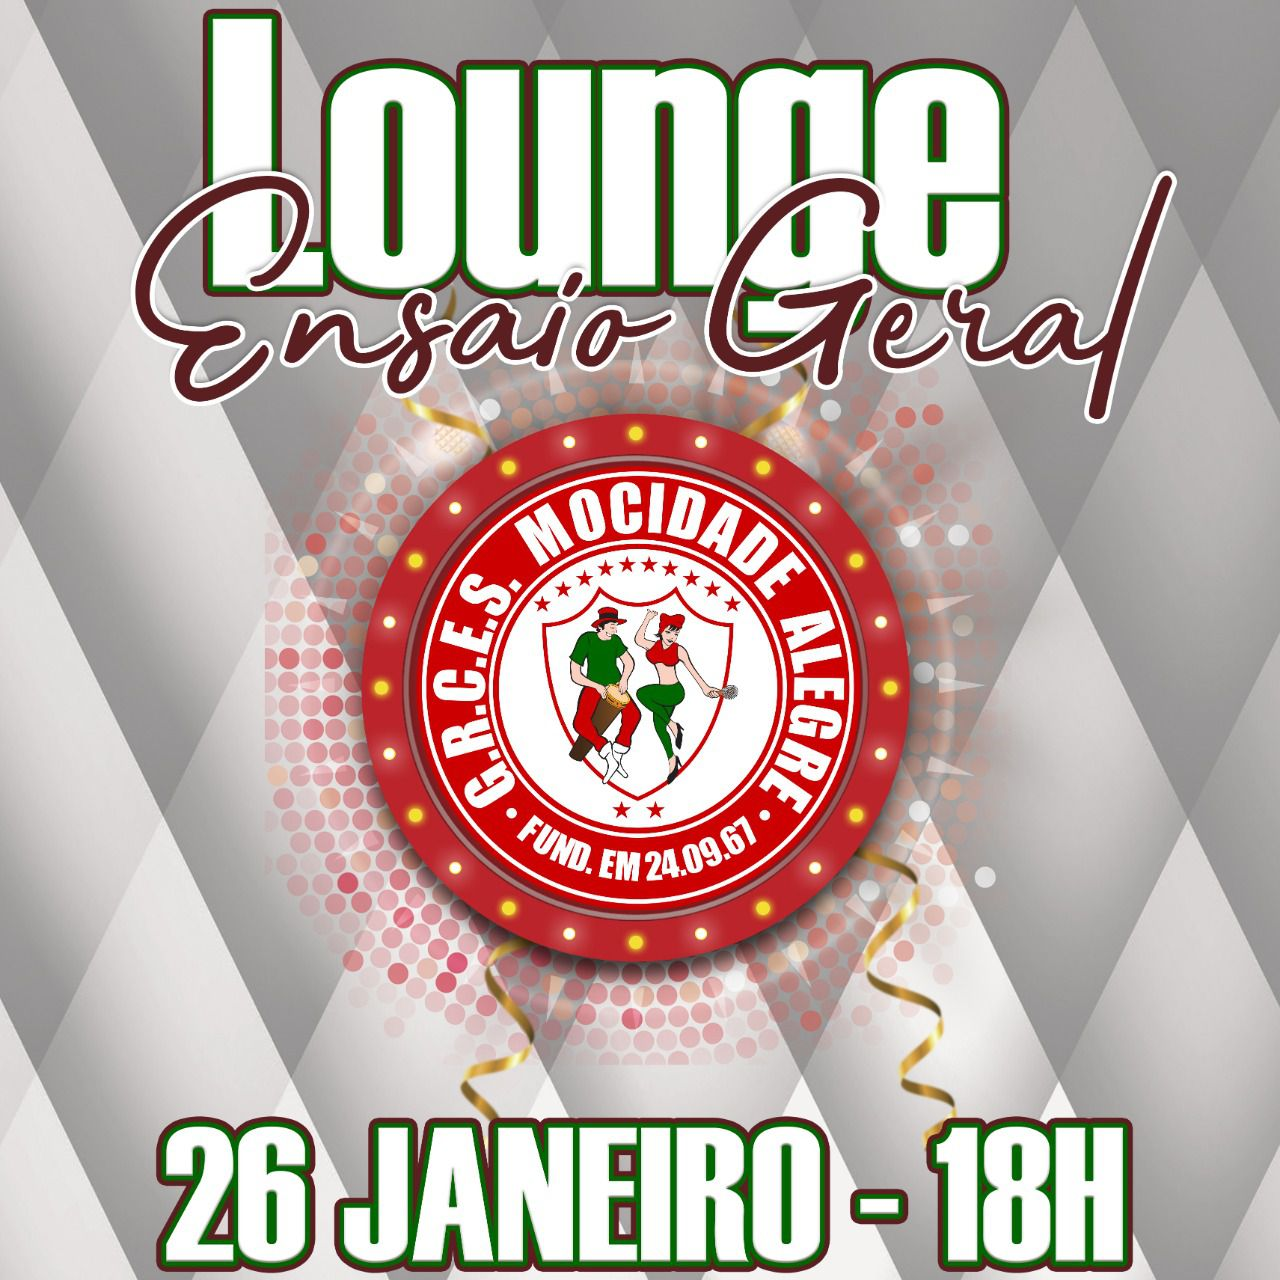 LOUNGE - 26-01-2020 - ENSAIO GERAL - CARNAVAL 2020  - Mocidade Alegre